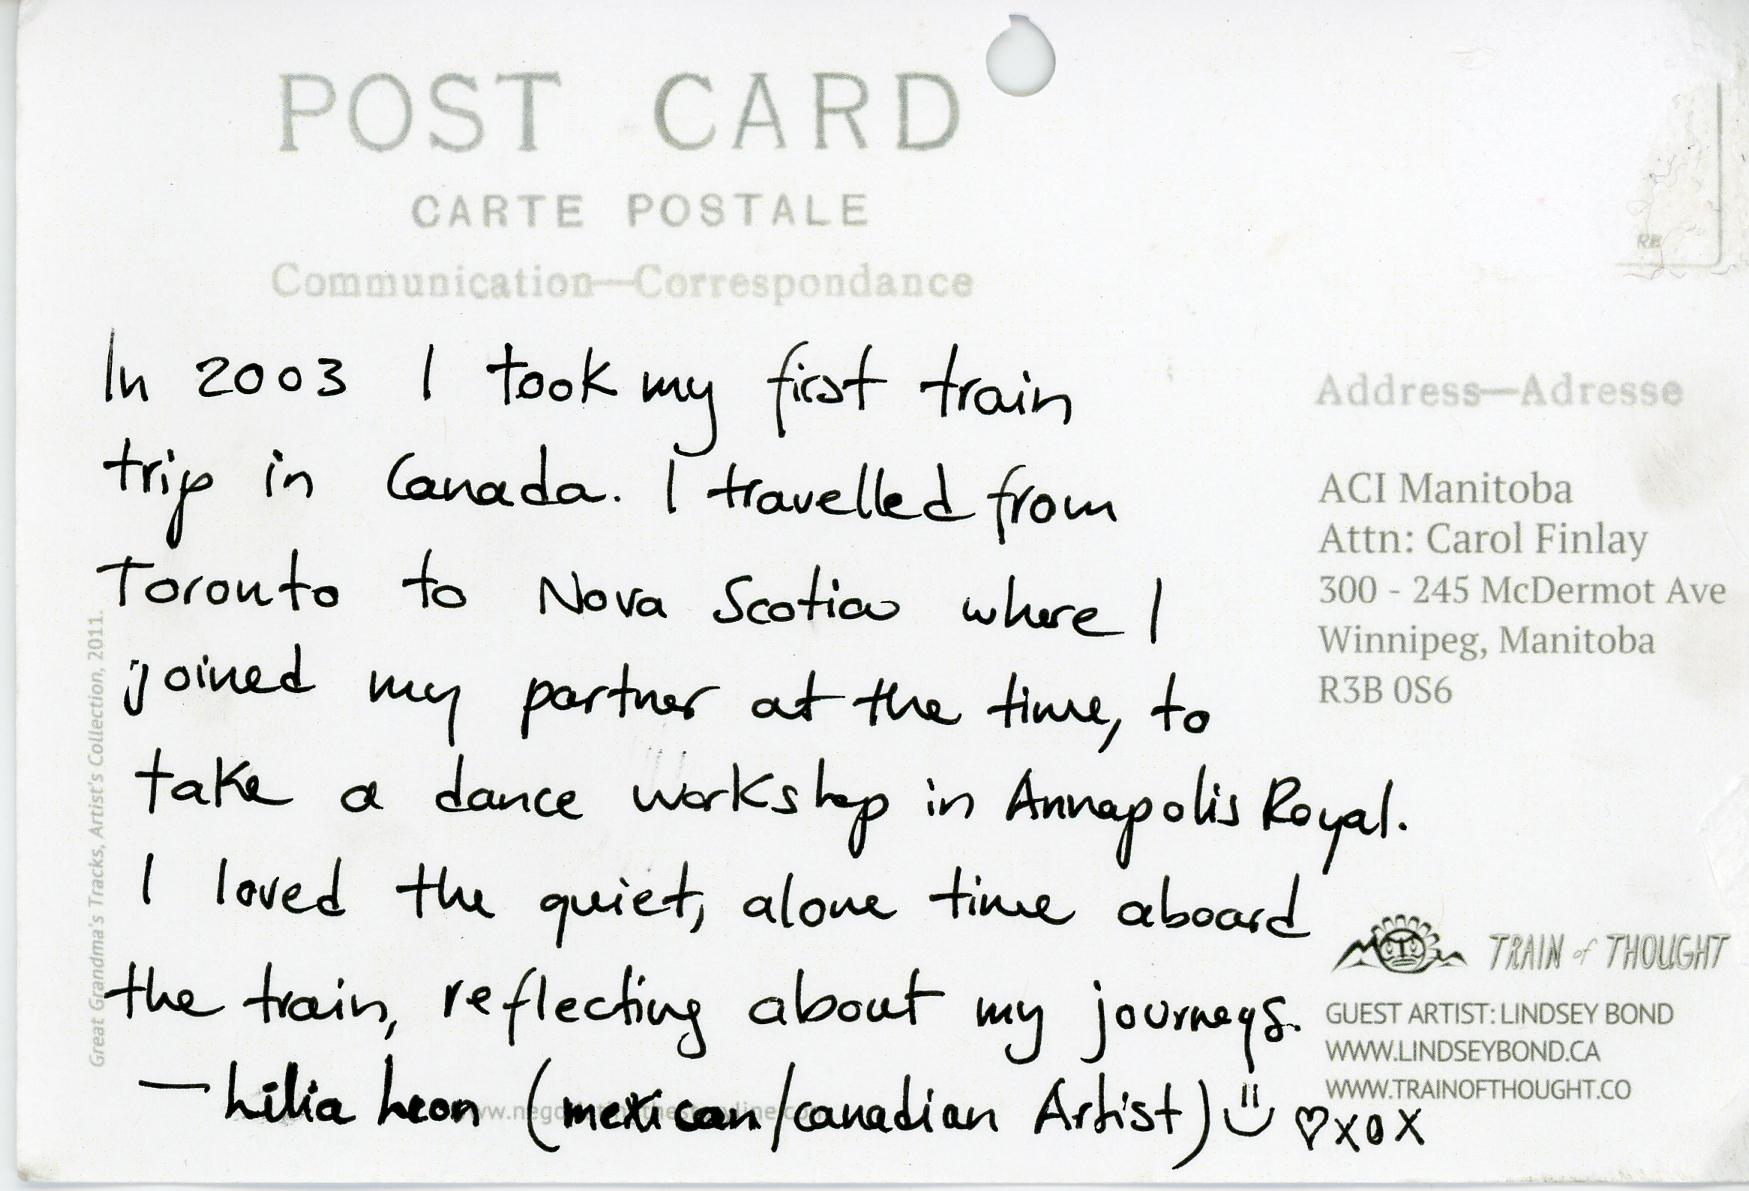 TOT_postcard008.jpg